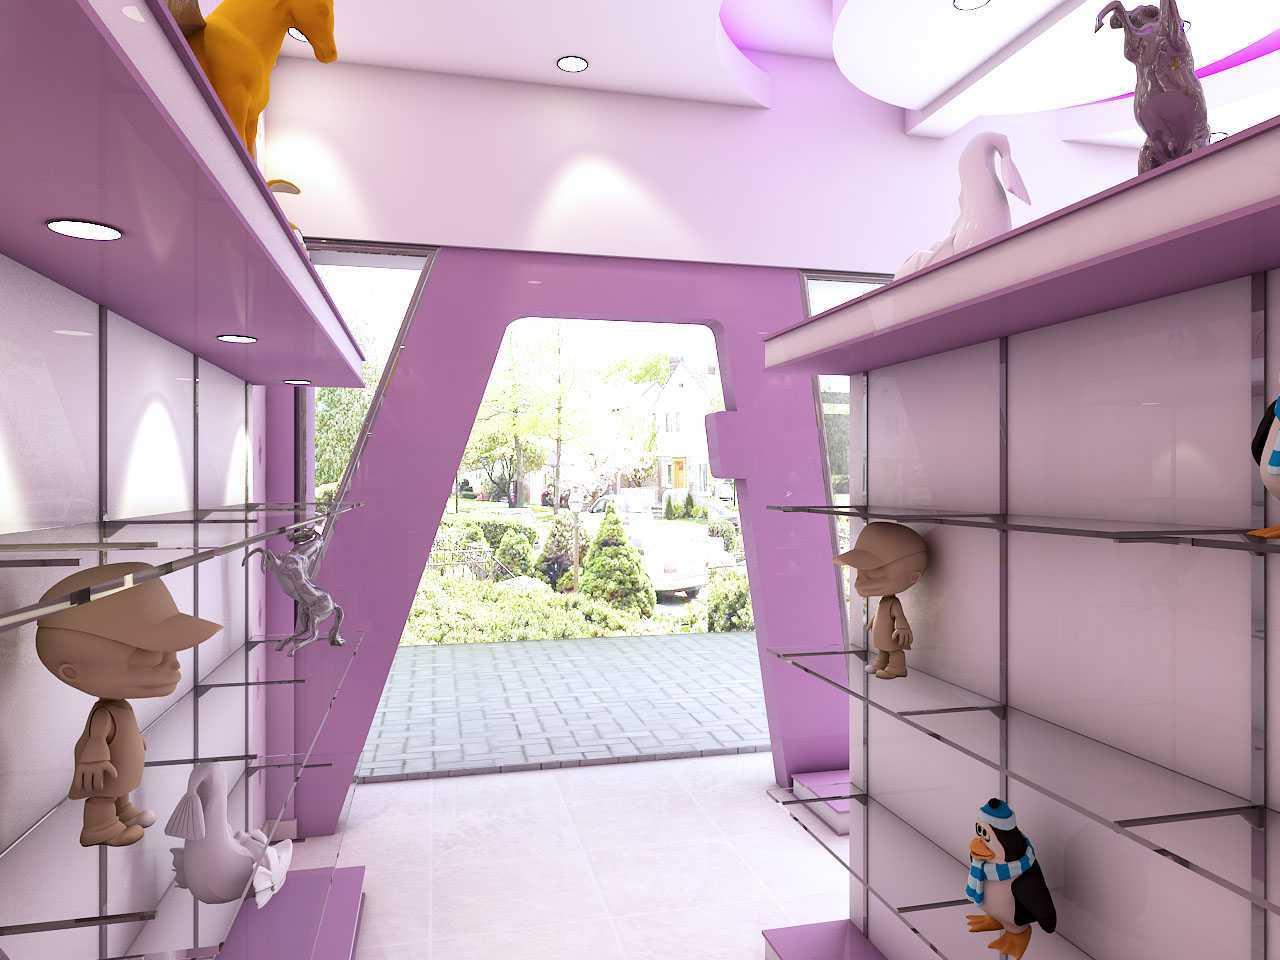 Arteta Interior Design & Furniture Toko Mainan~Purple Mood Surakarta, Kota Surakarta, Jawa Tengah, Indonesia Surakarta, Kota Surakarta, Jawa Tengah, Indonesia Toko Mainan Purple Mood - Entrance Contemporary  41555